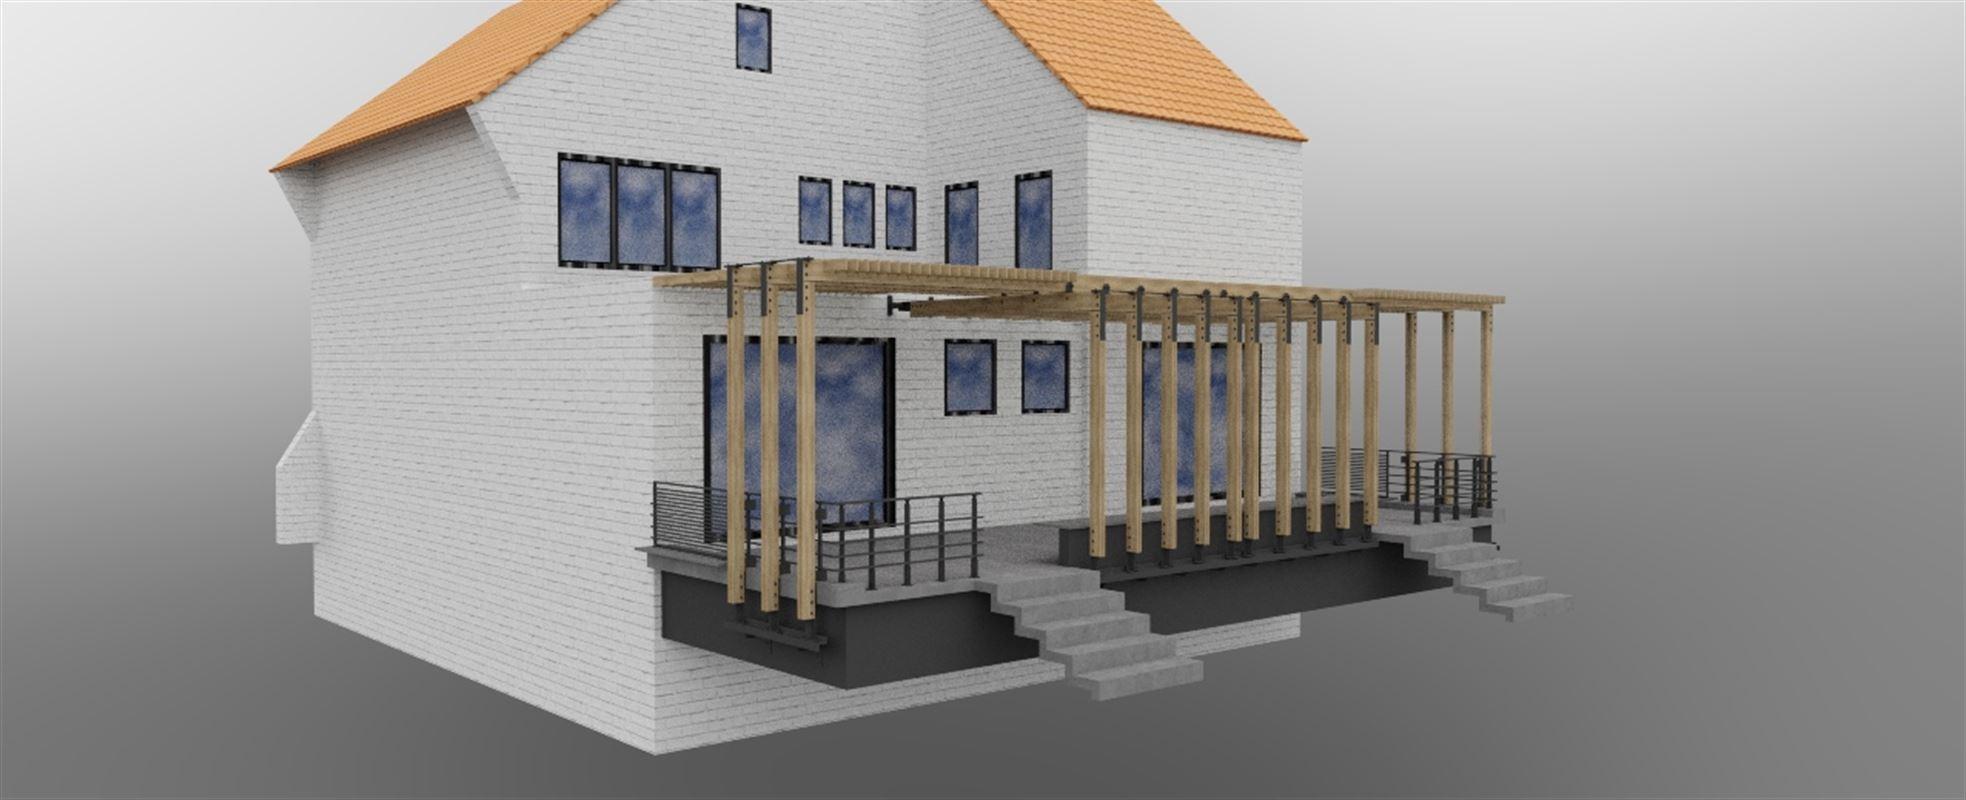 Foto 36 : Huis te 3800 SINT-TRUIDEN (België) - Prijs € 349.000